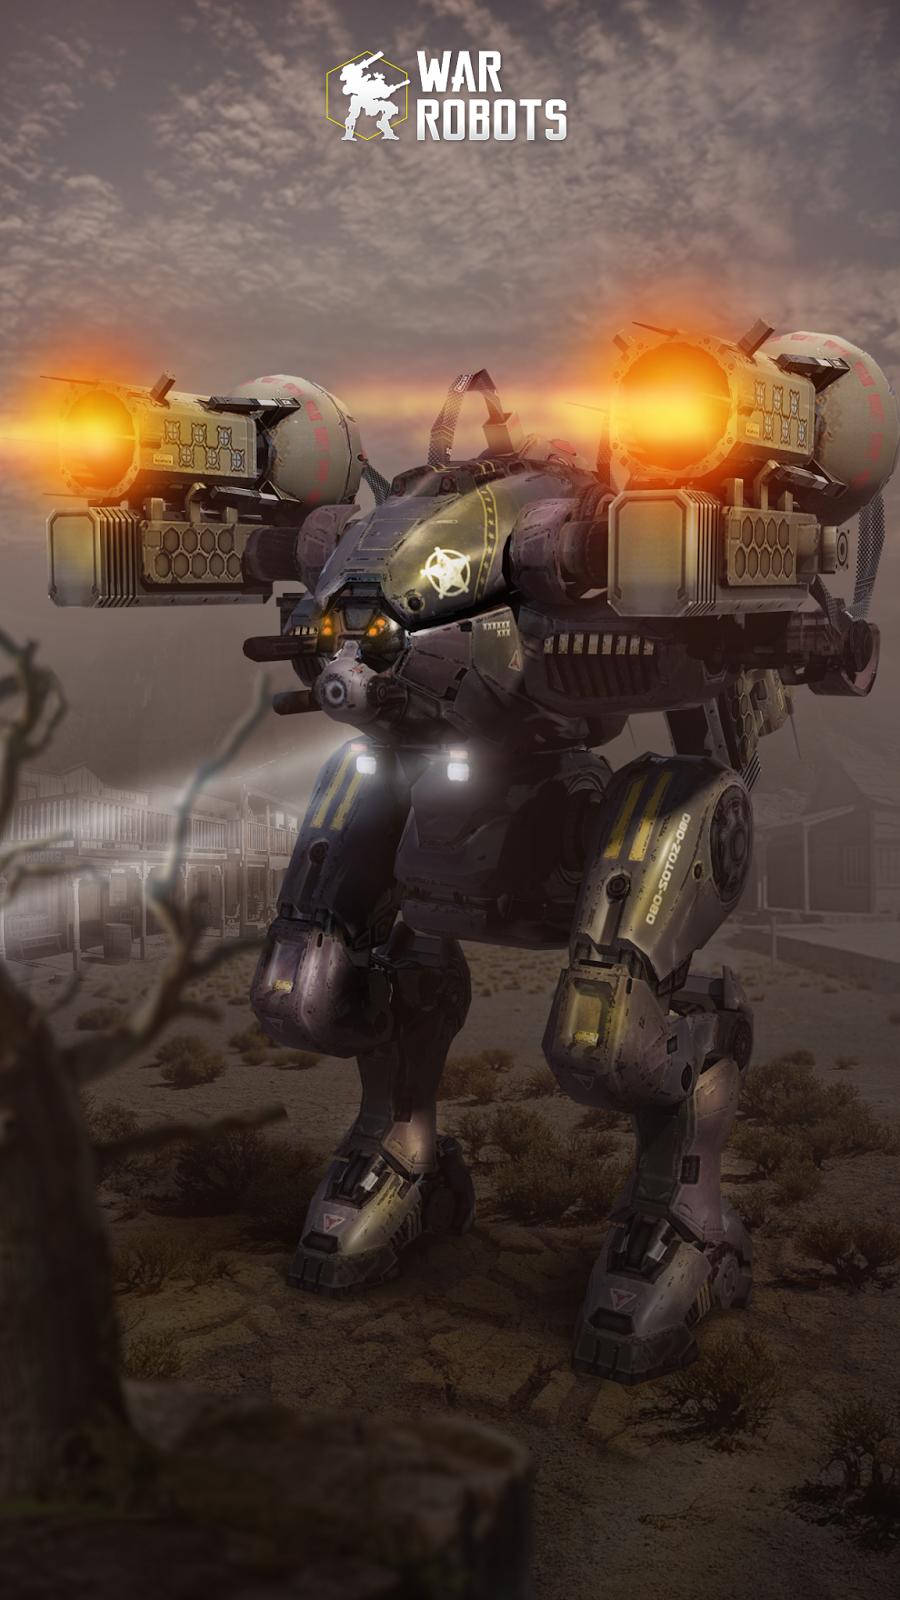 Fondos De Pantalla De War Robots 900x1600 Download Hd Wallpaper Wallpapertip